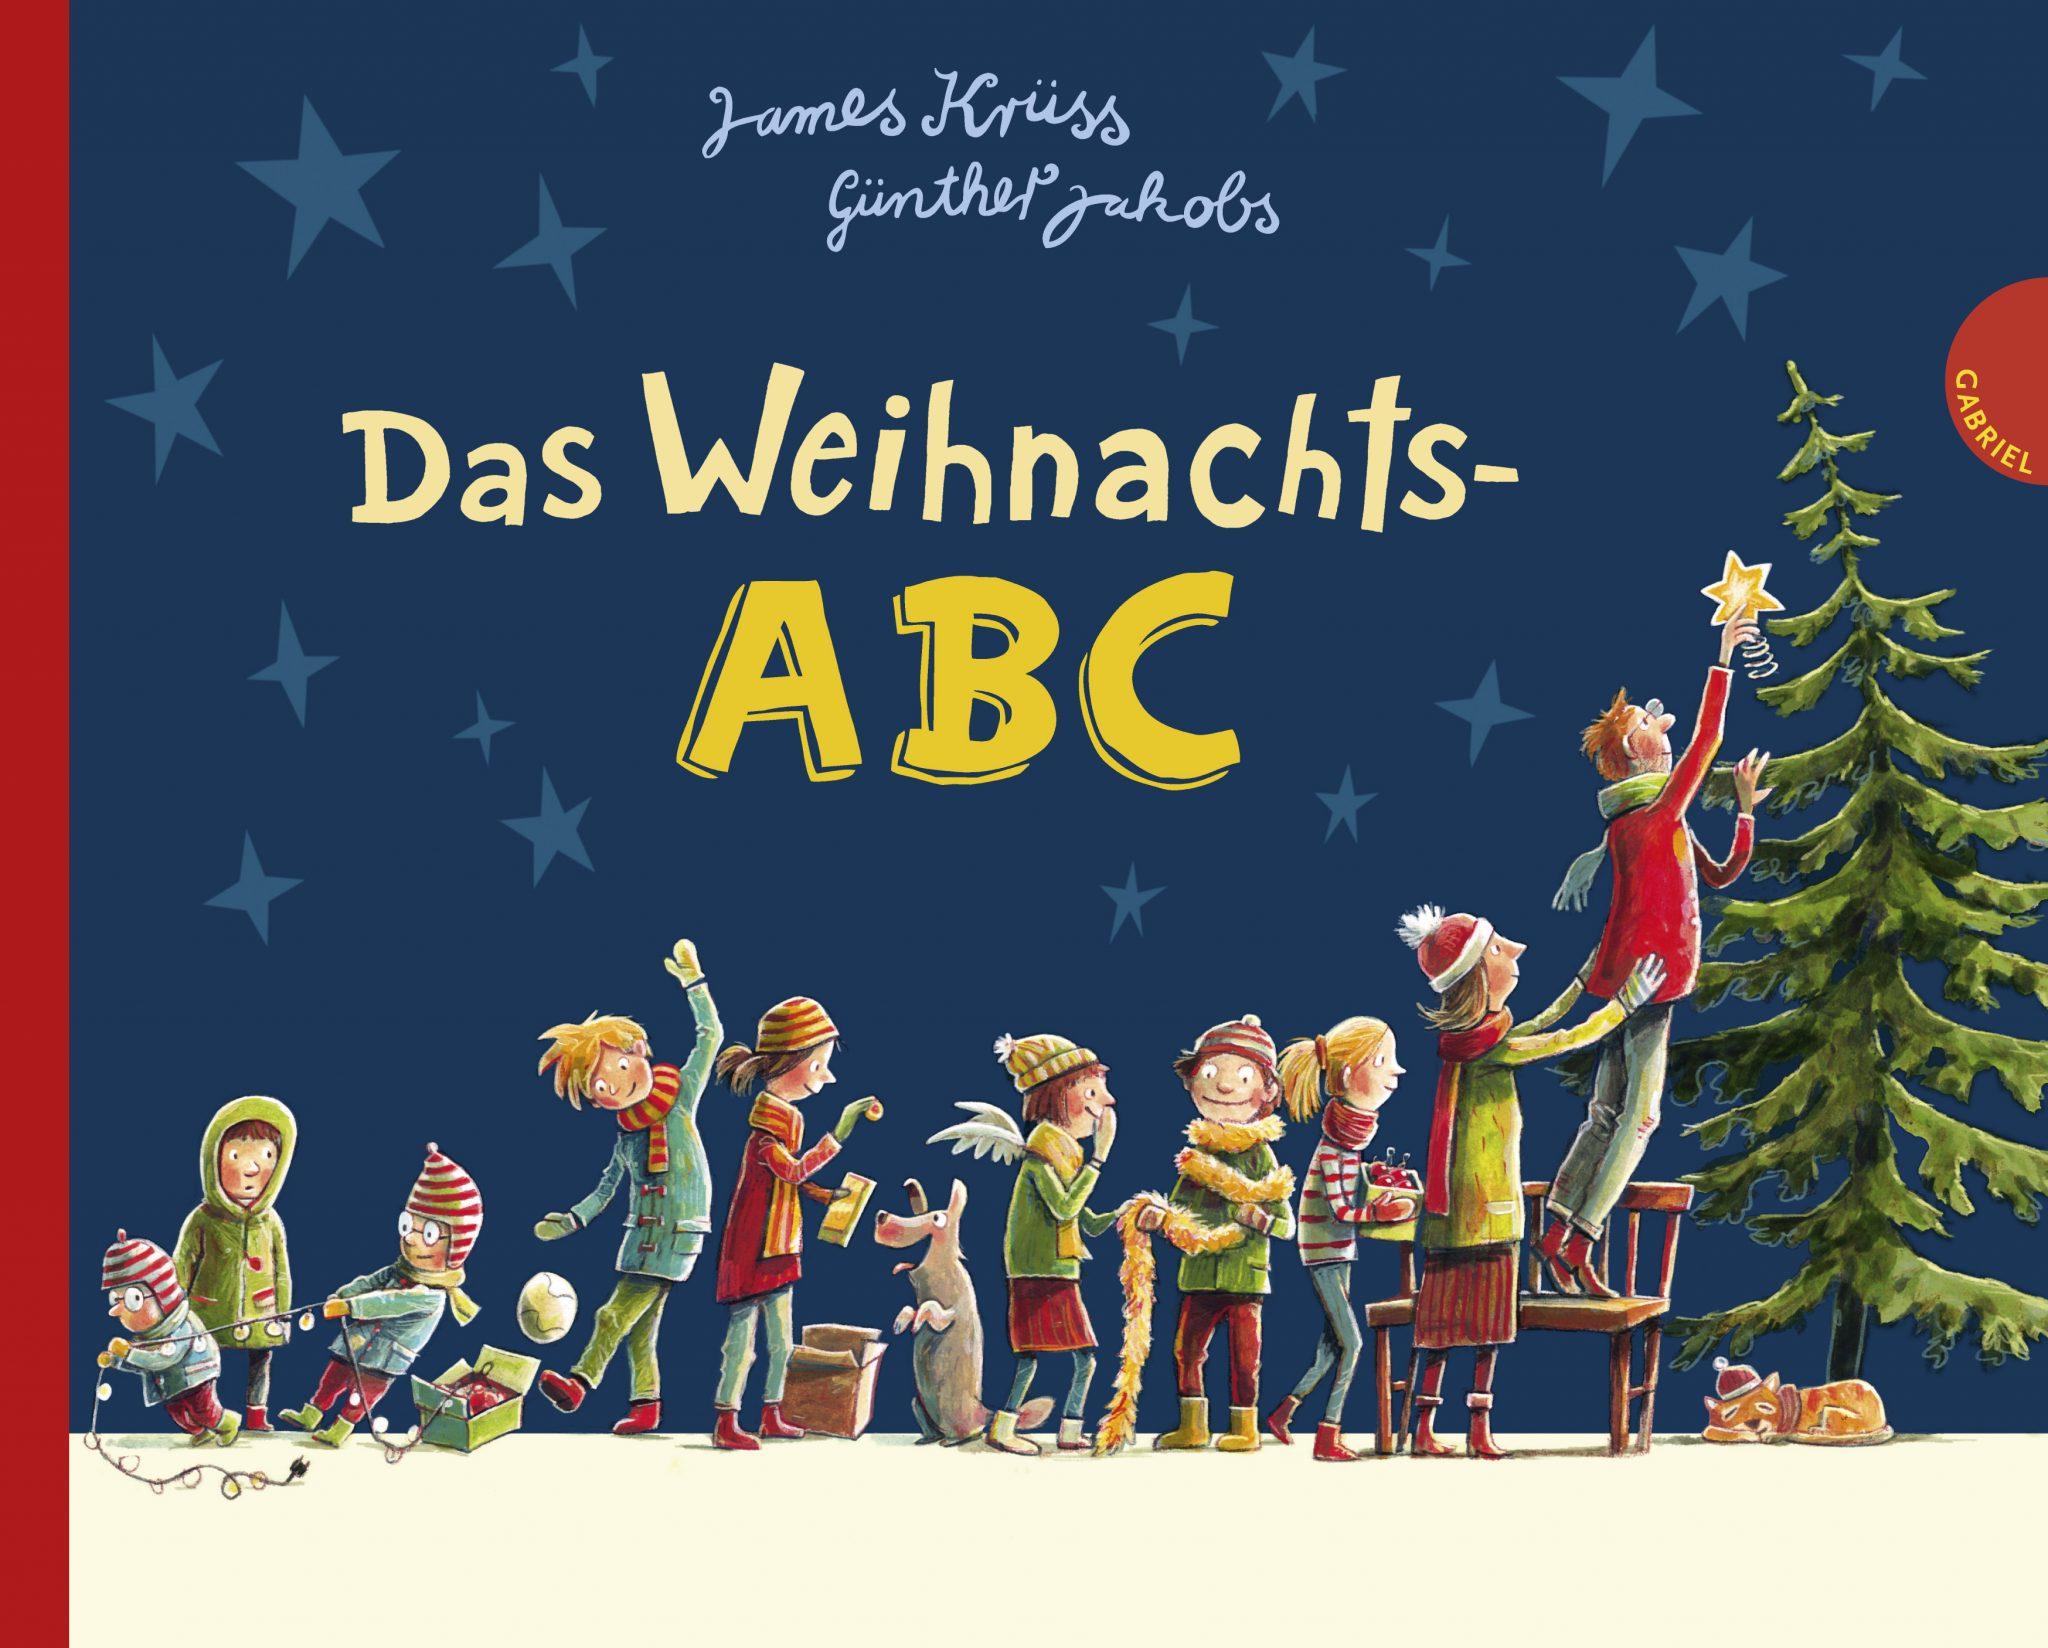 © Günther Jakobs, Thienemann-Verlag